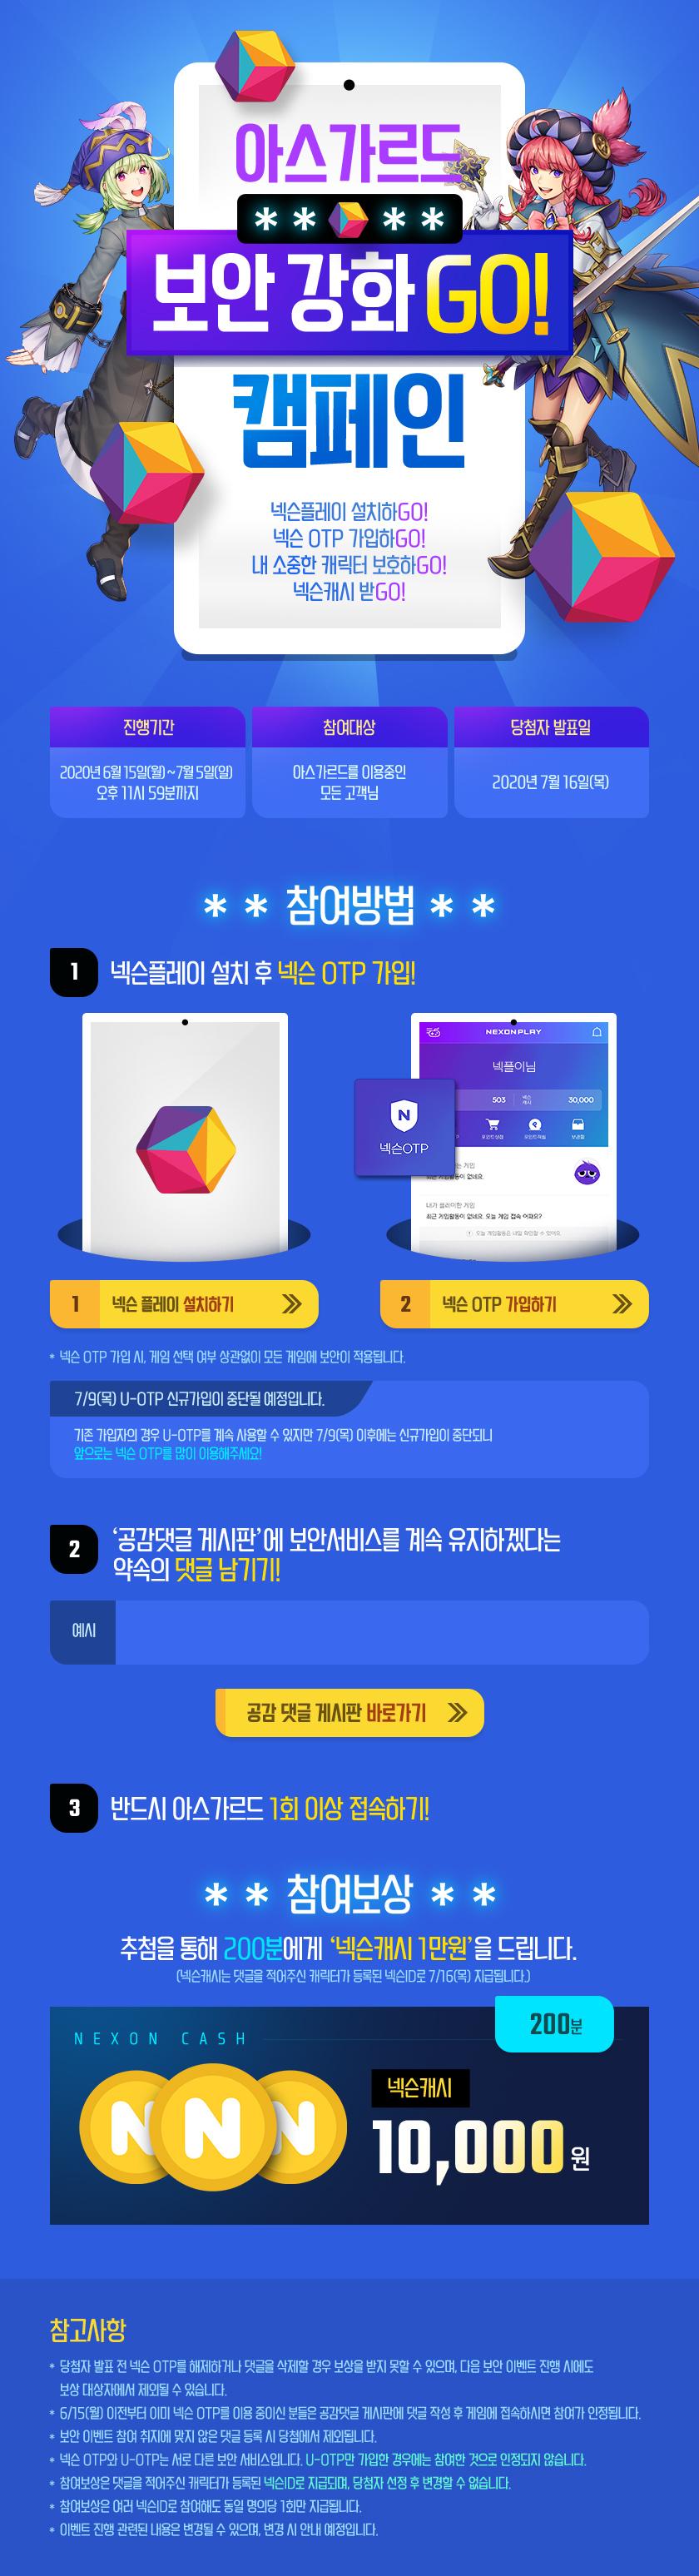 아스가르드 보안 강화 GO! 캠페인